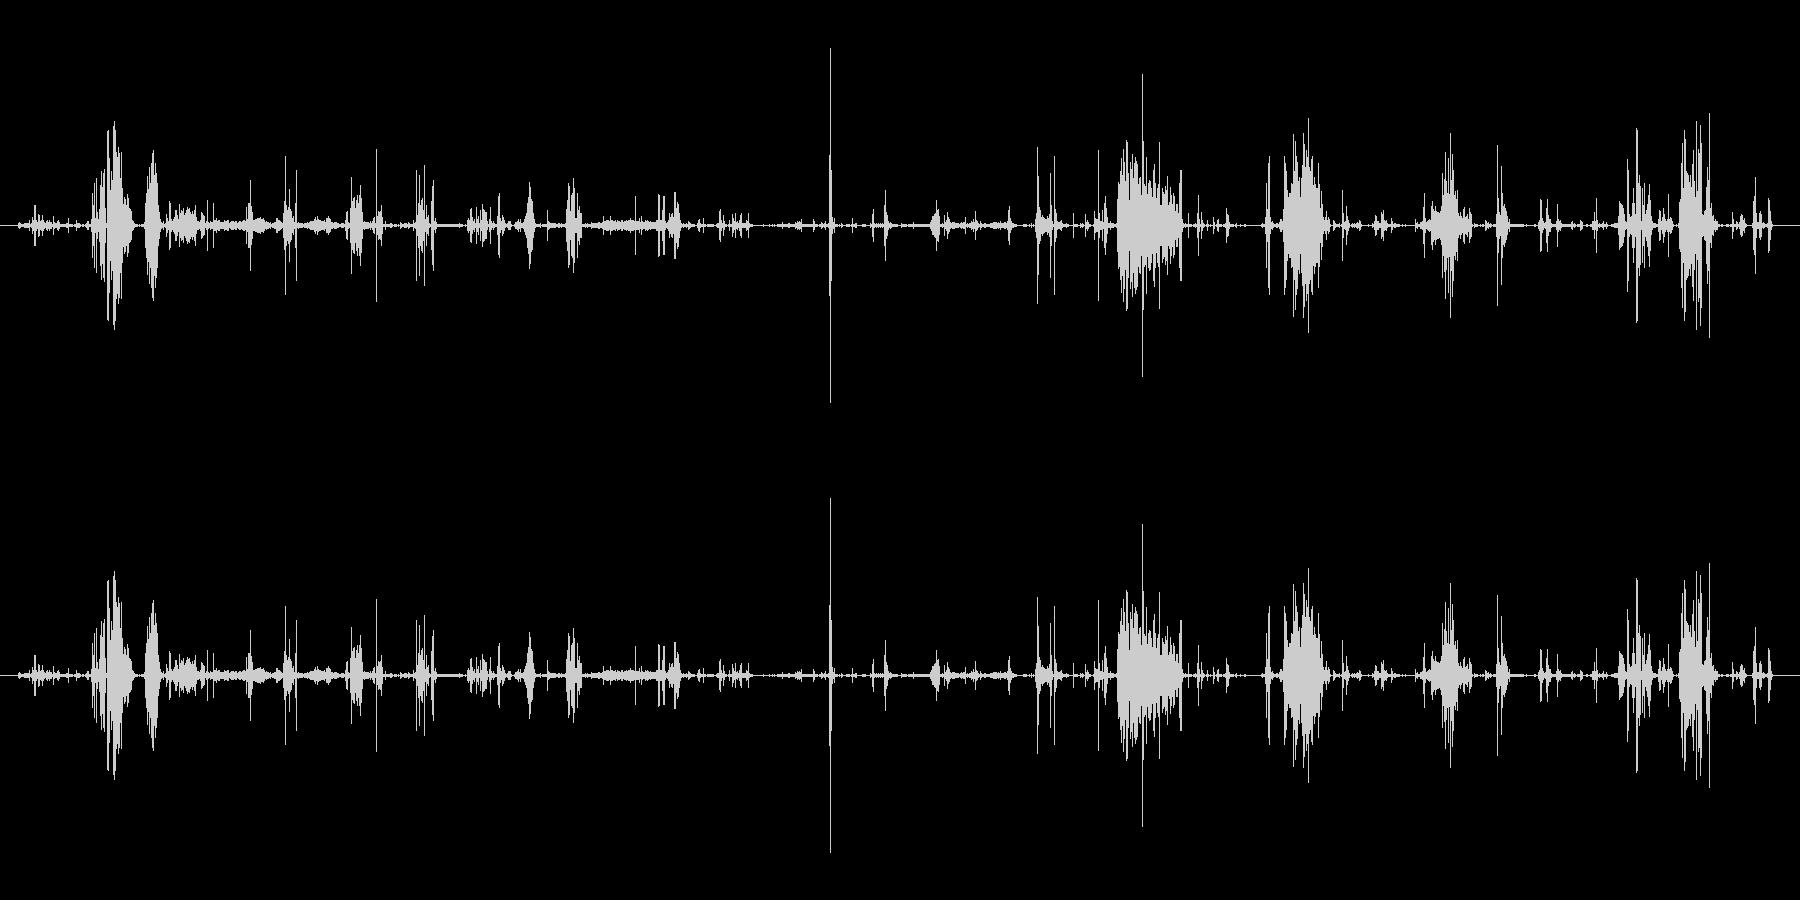 鳴き声 デスバーブルロング03の未再生の波形